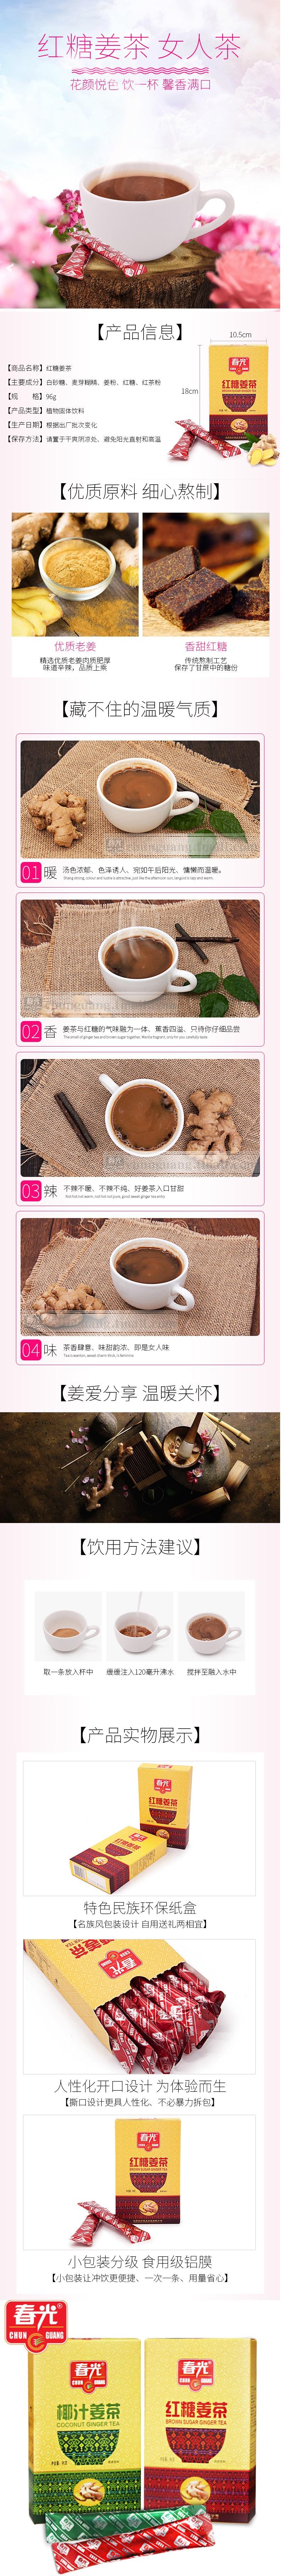 海南特产 春光食品红糖姜茶姜糖冲饮品春光速溶姜茶96克X3盒